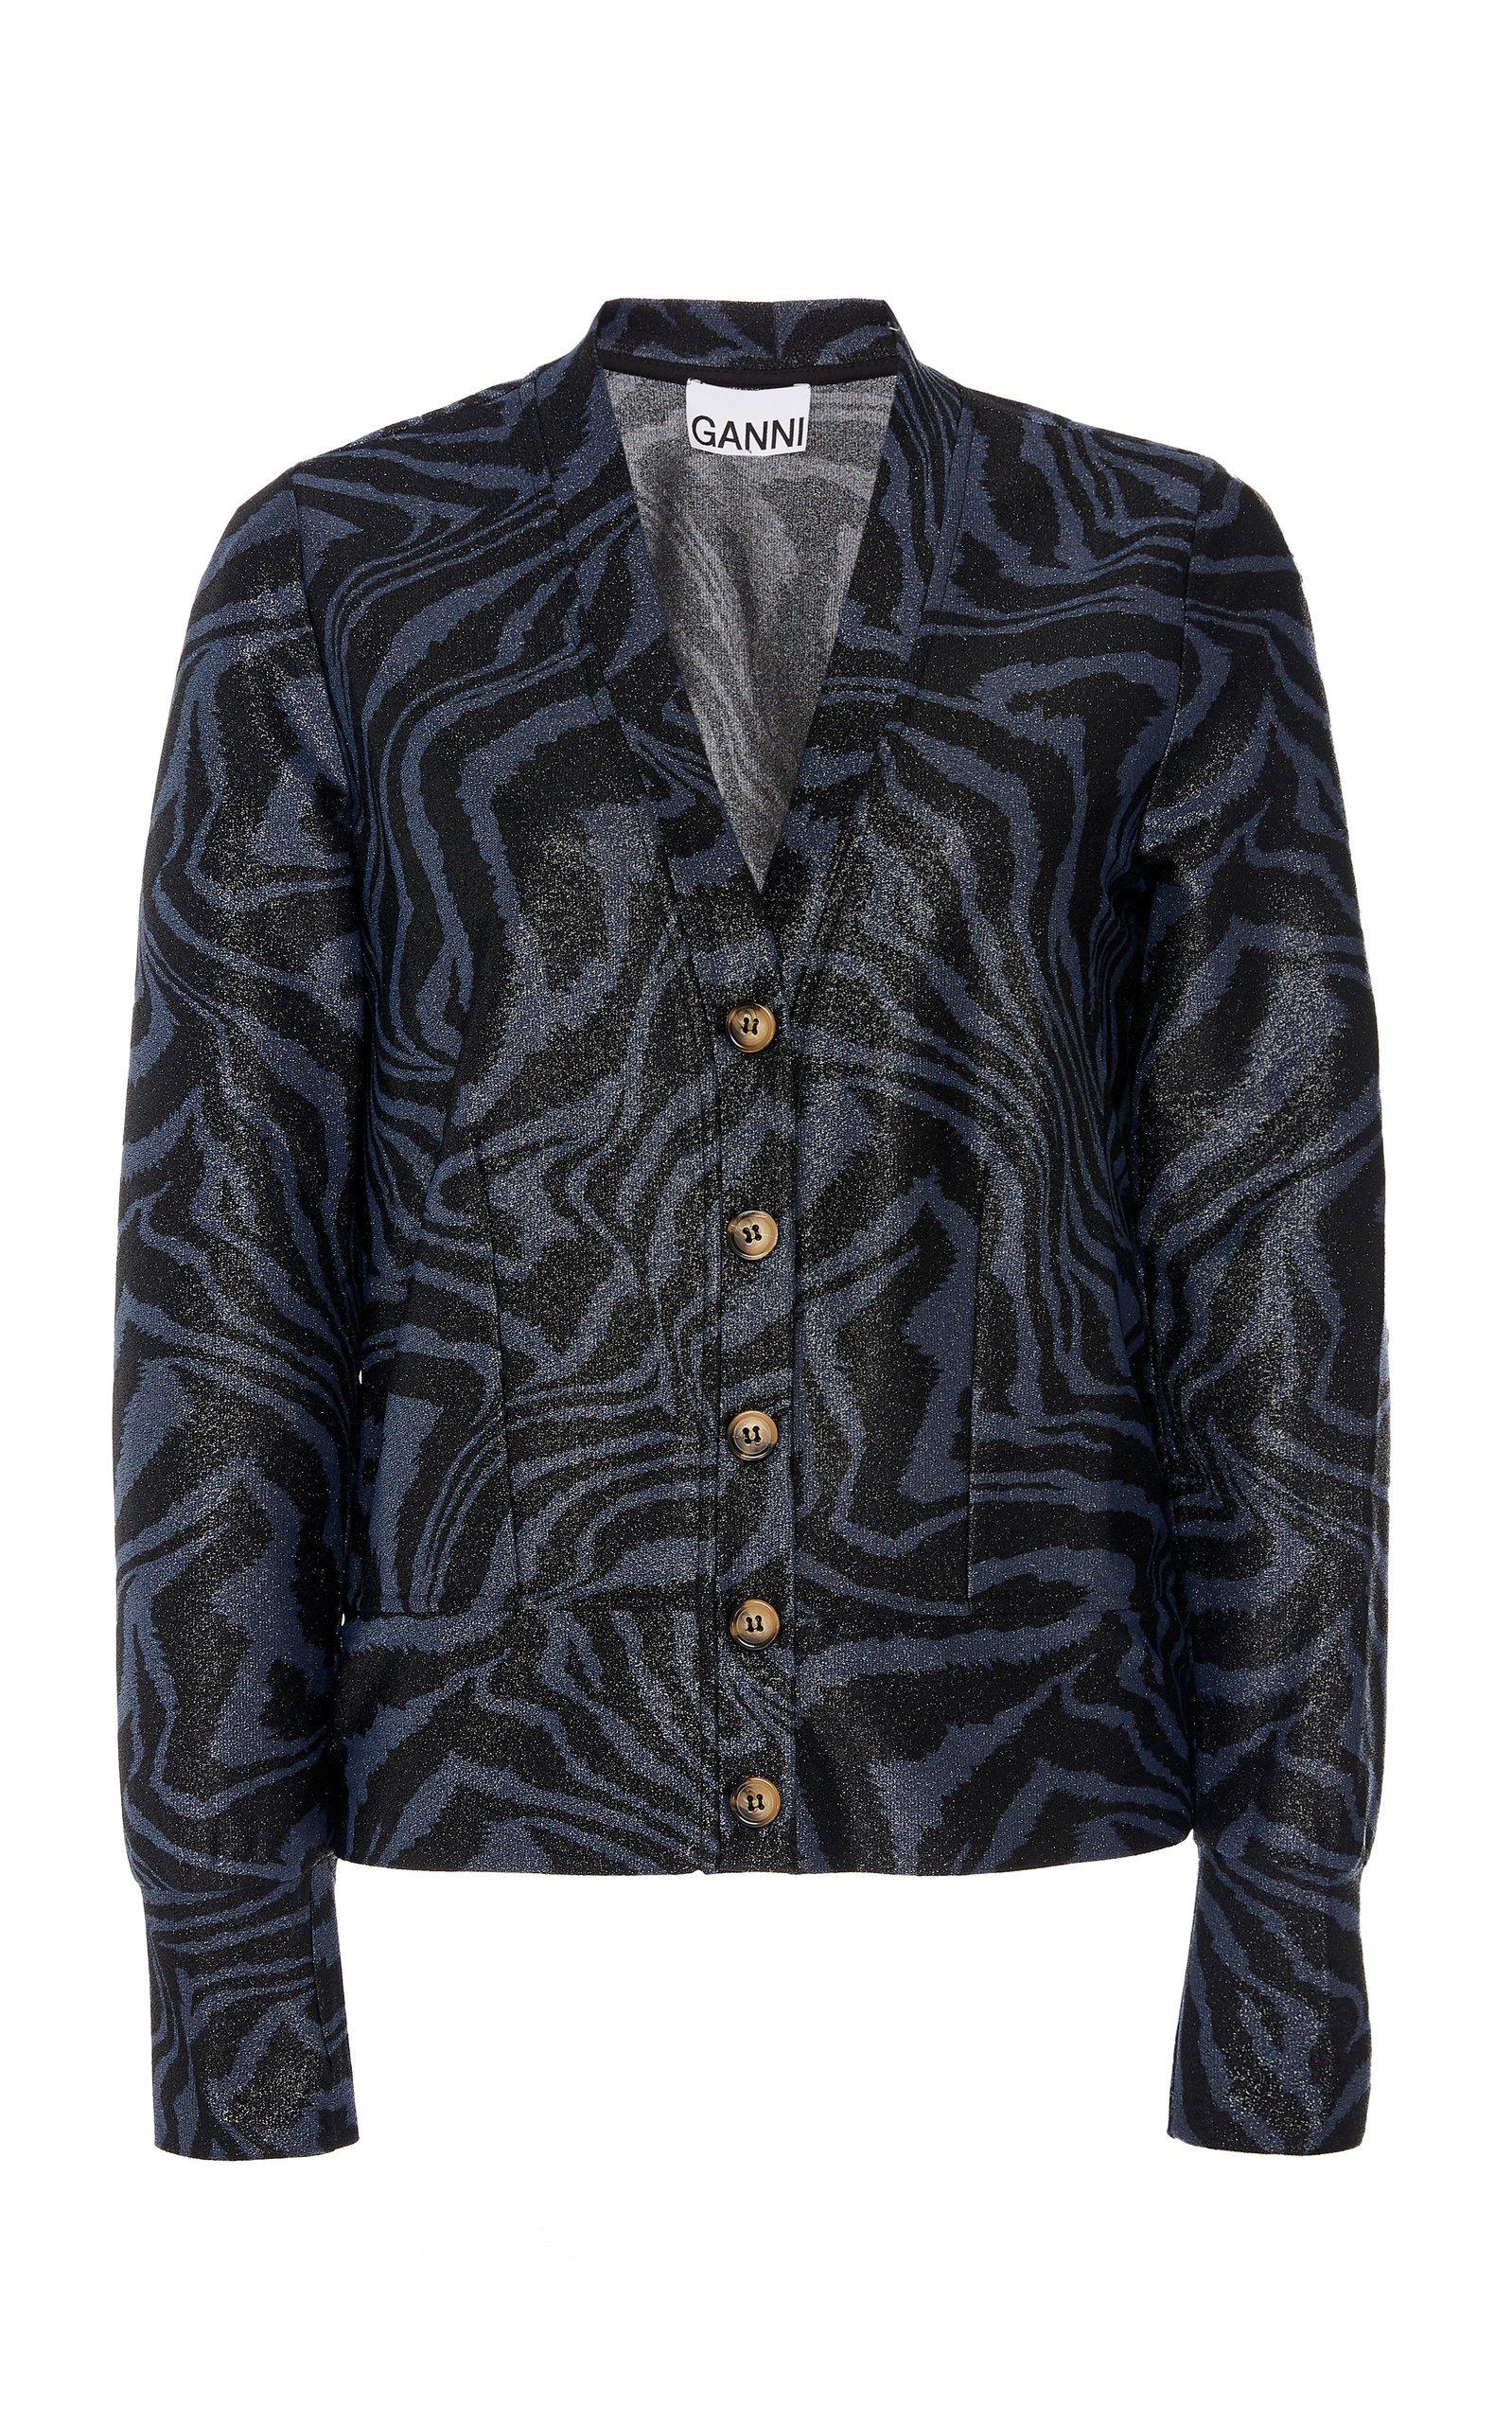 Ganni Metallic Printed Lurex Jersey Top